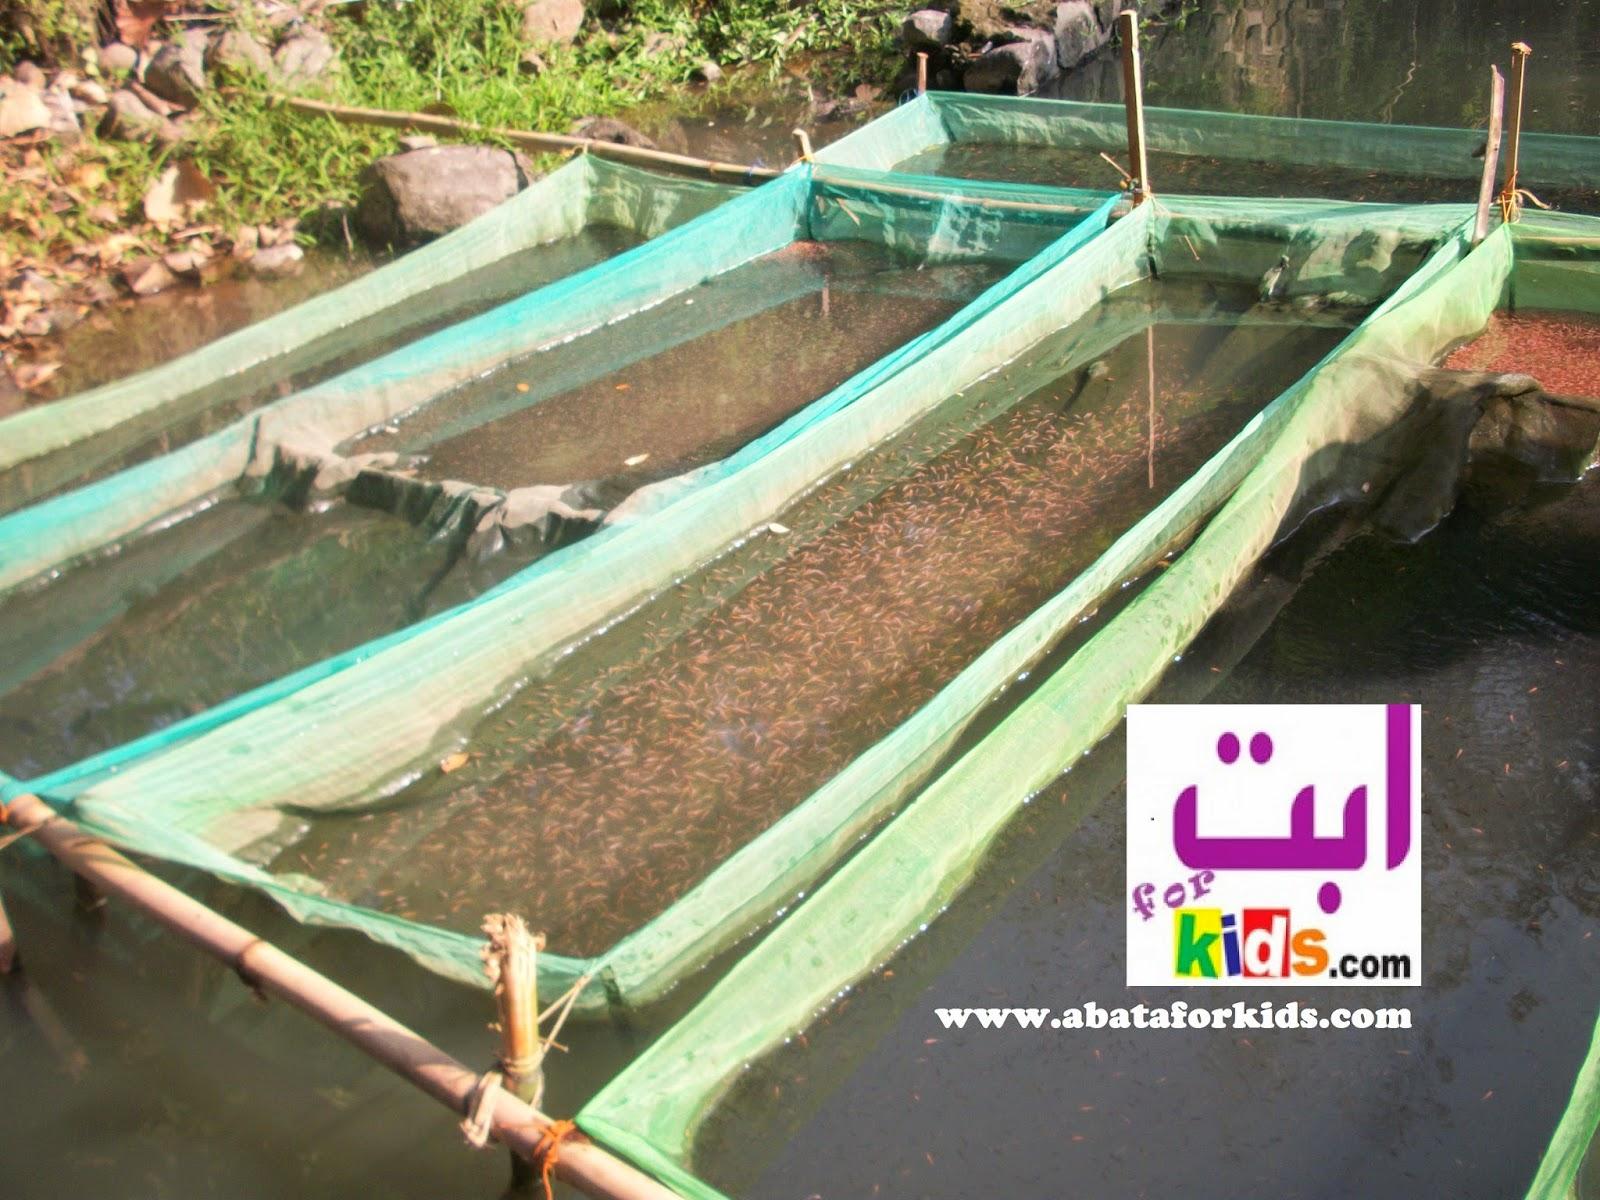 Bibit Dan Larva Nila Murah Di Bandar Lampung